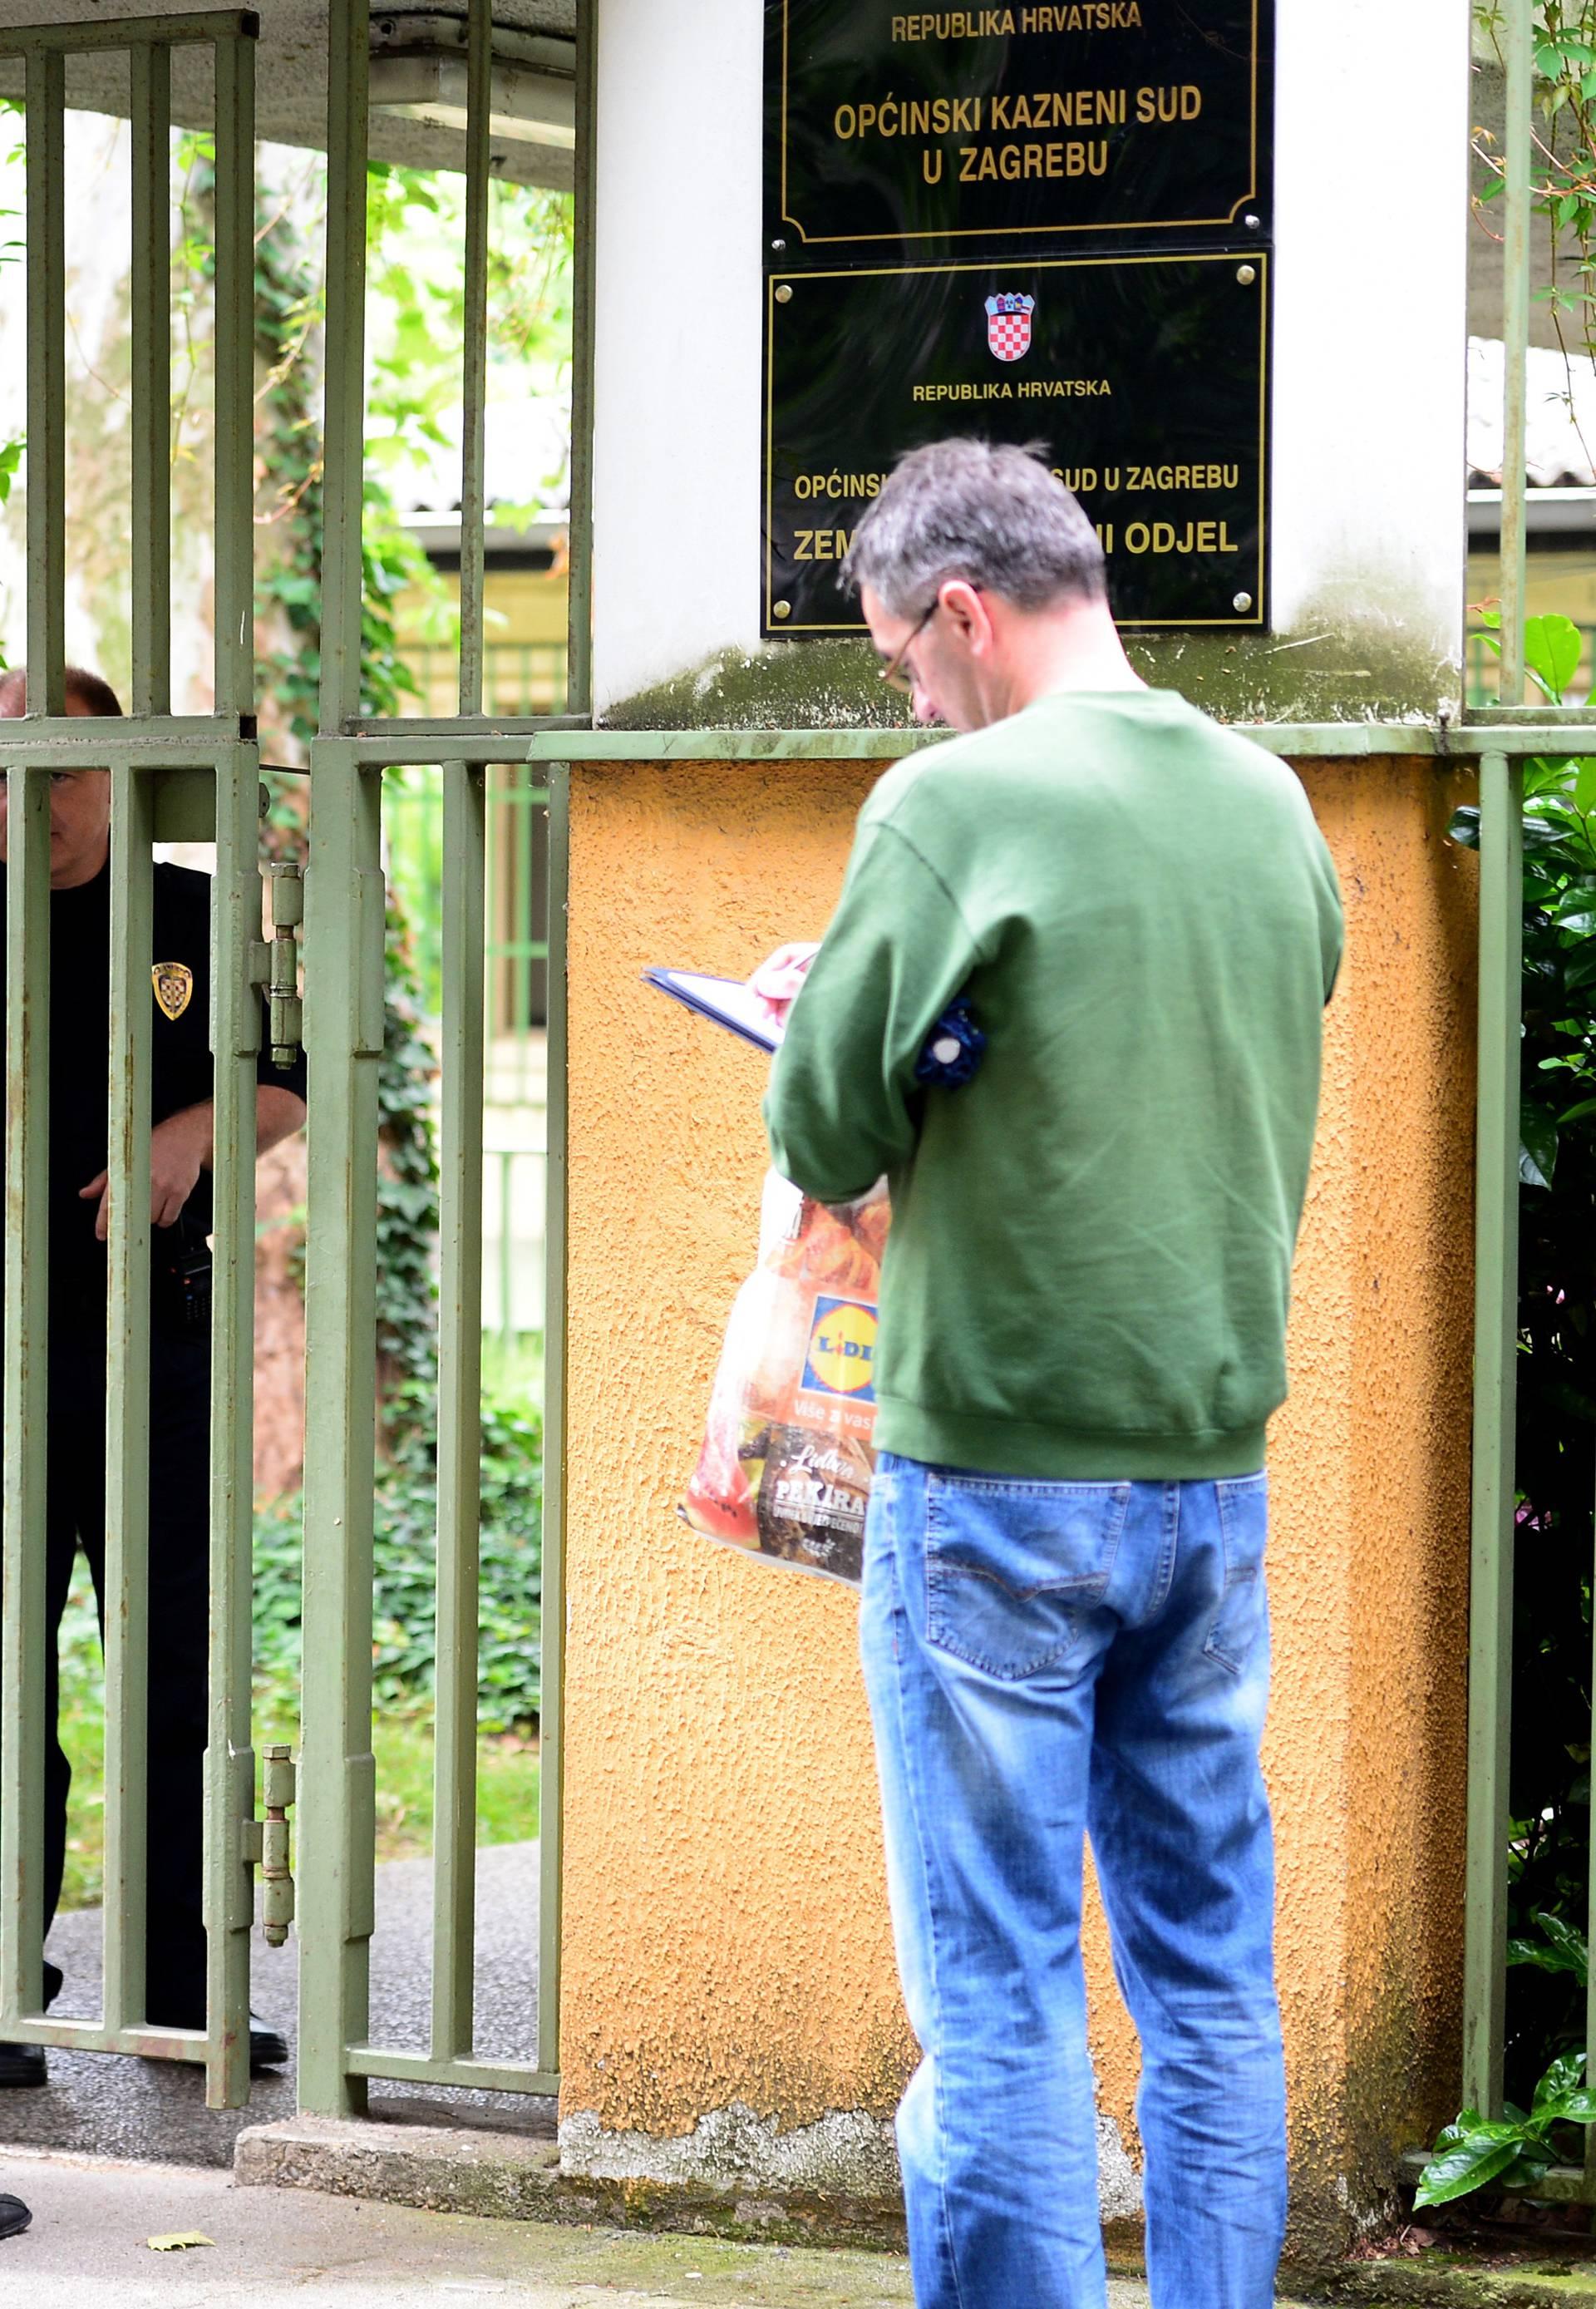 Zbog dojave o bombi ispraznili su Općinski kazneni sud u Ilici